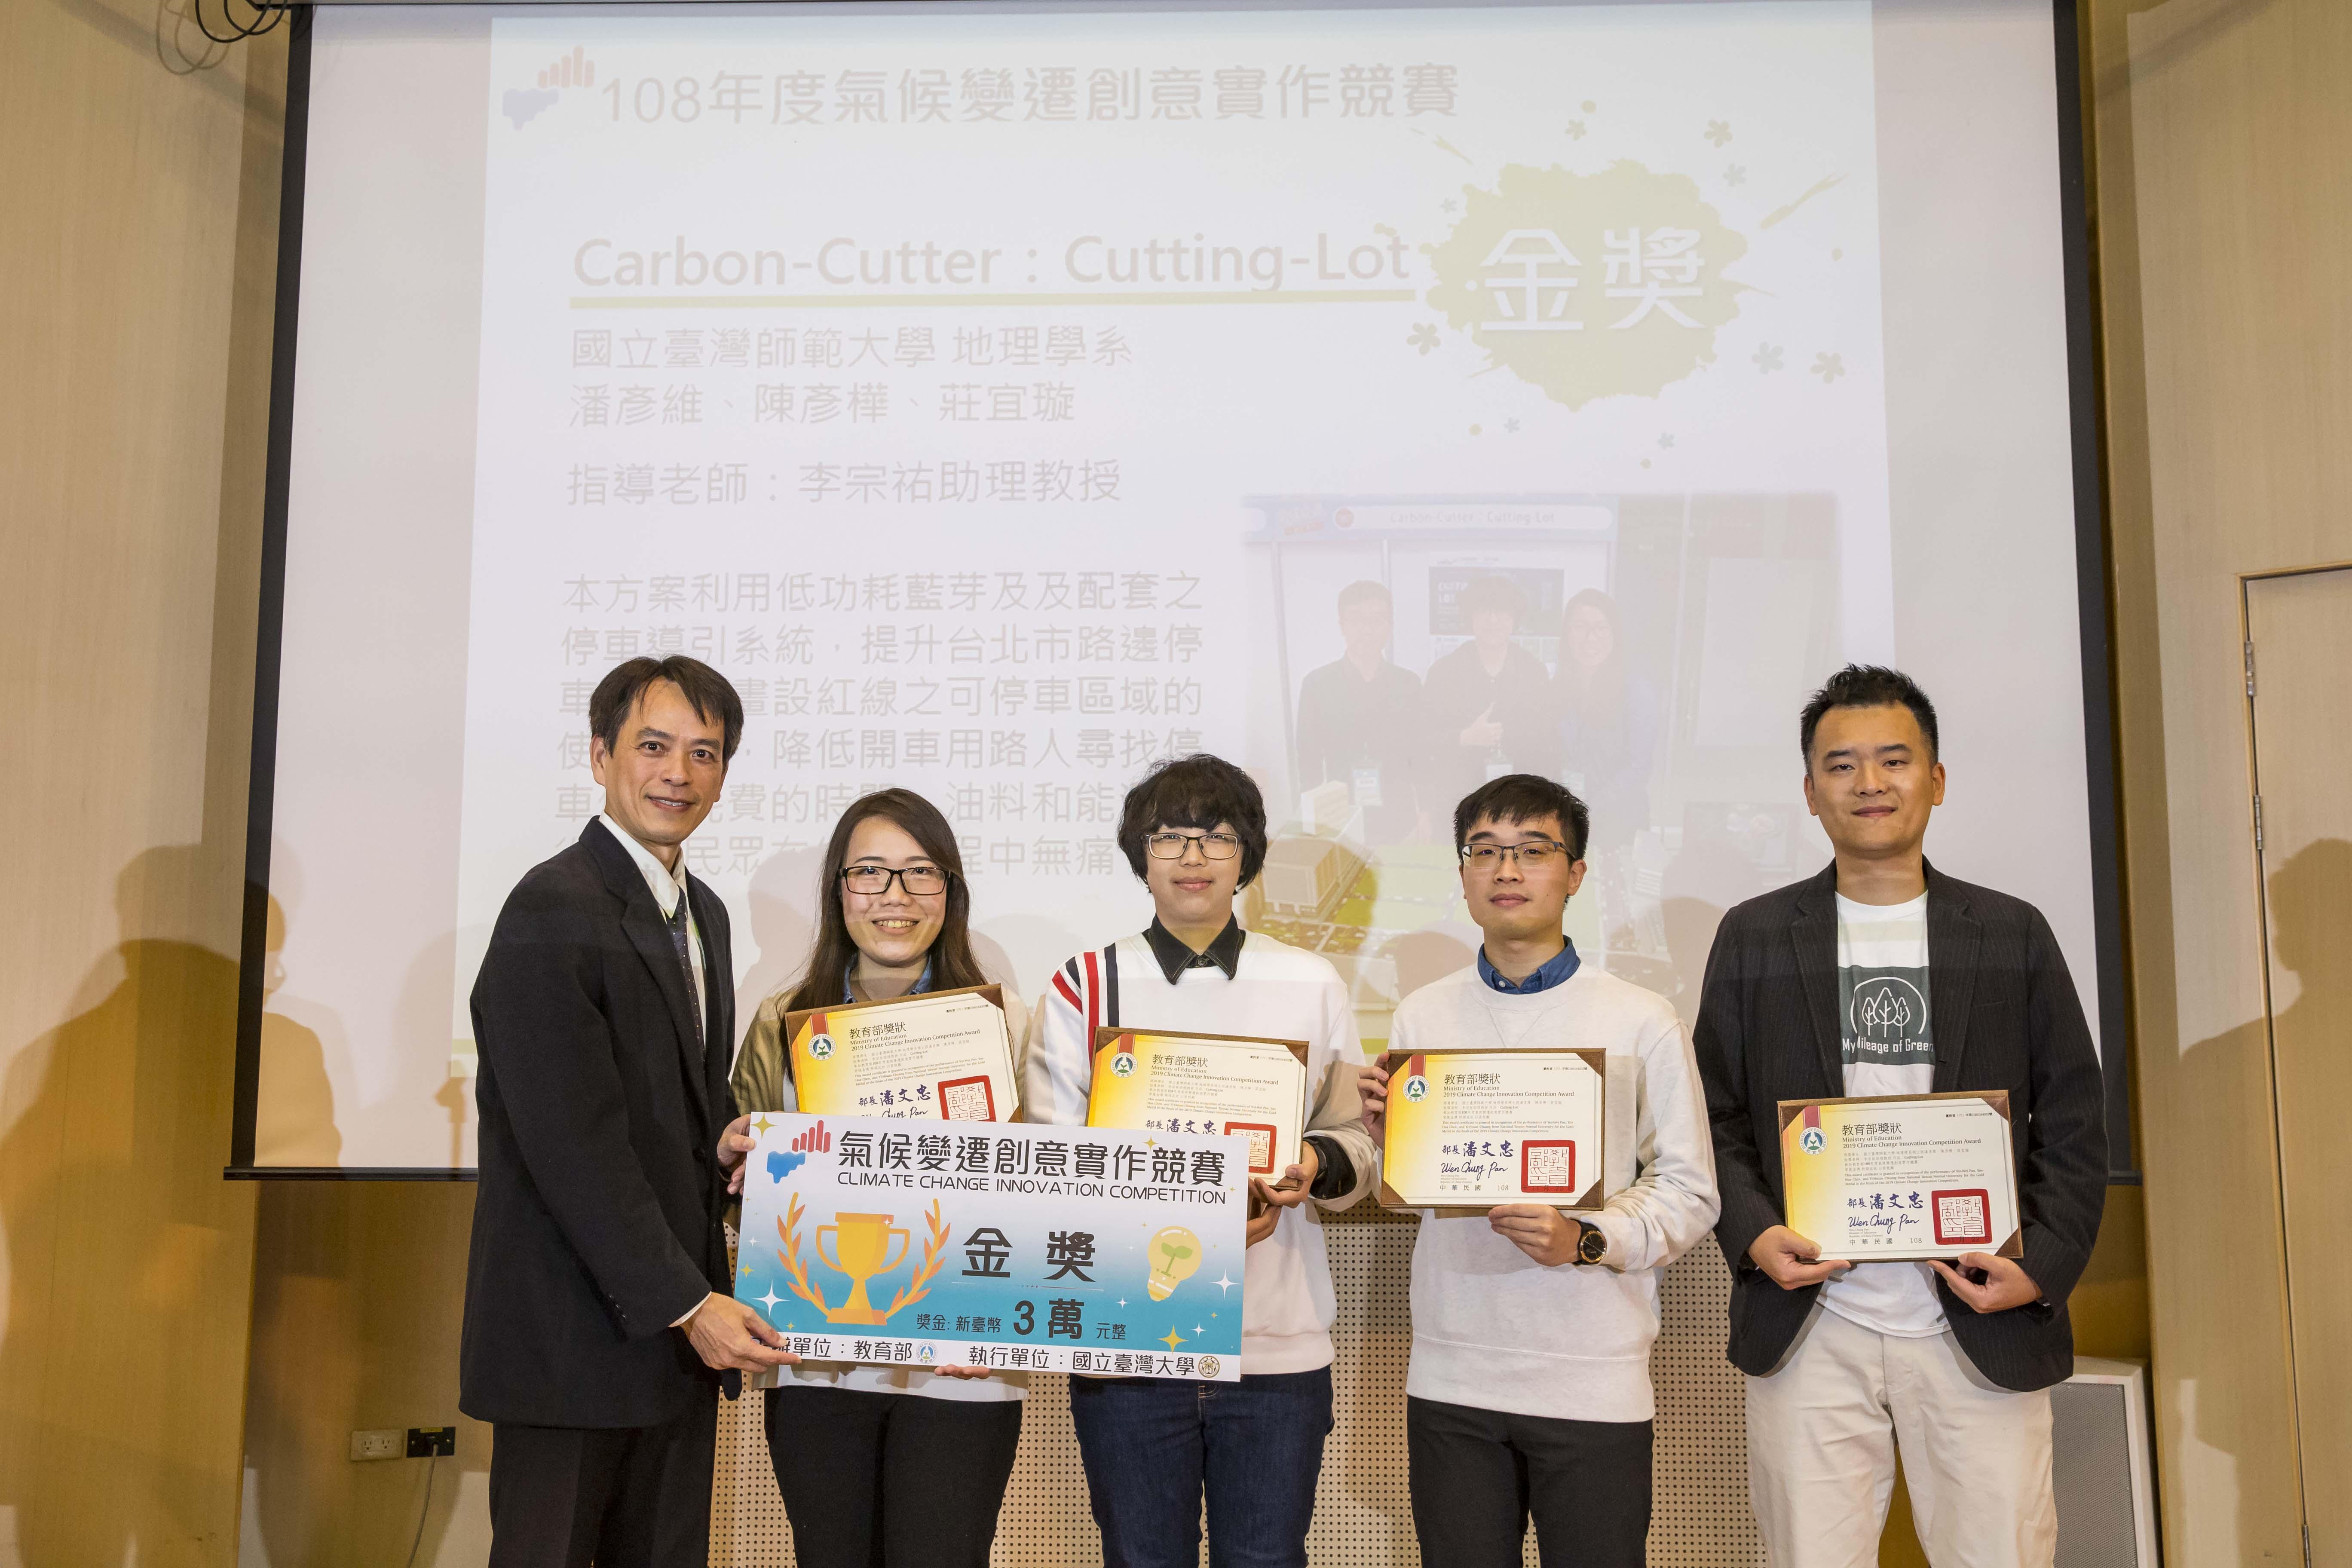 108年度教育部氣候變遷創意實作競賽金獎獲獎隊伍_大圖